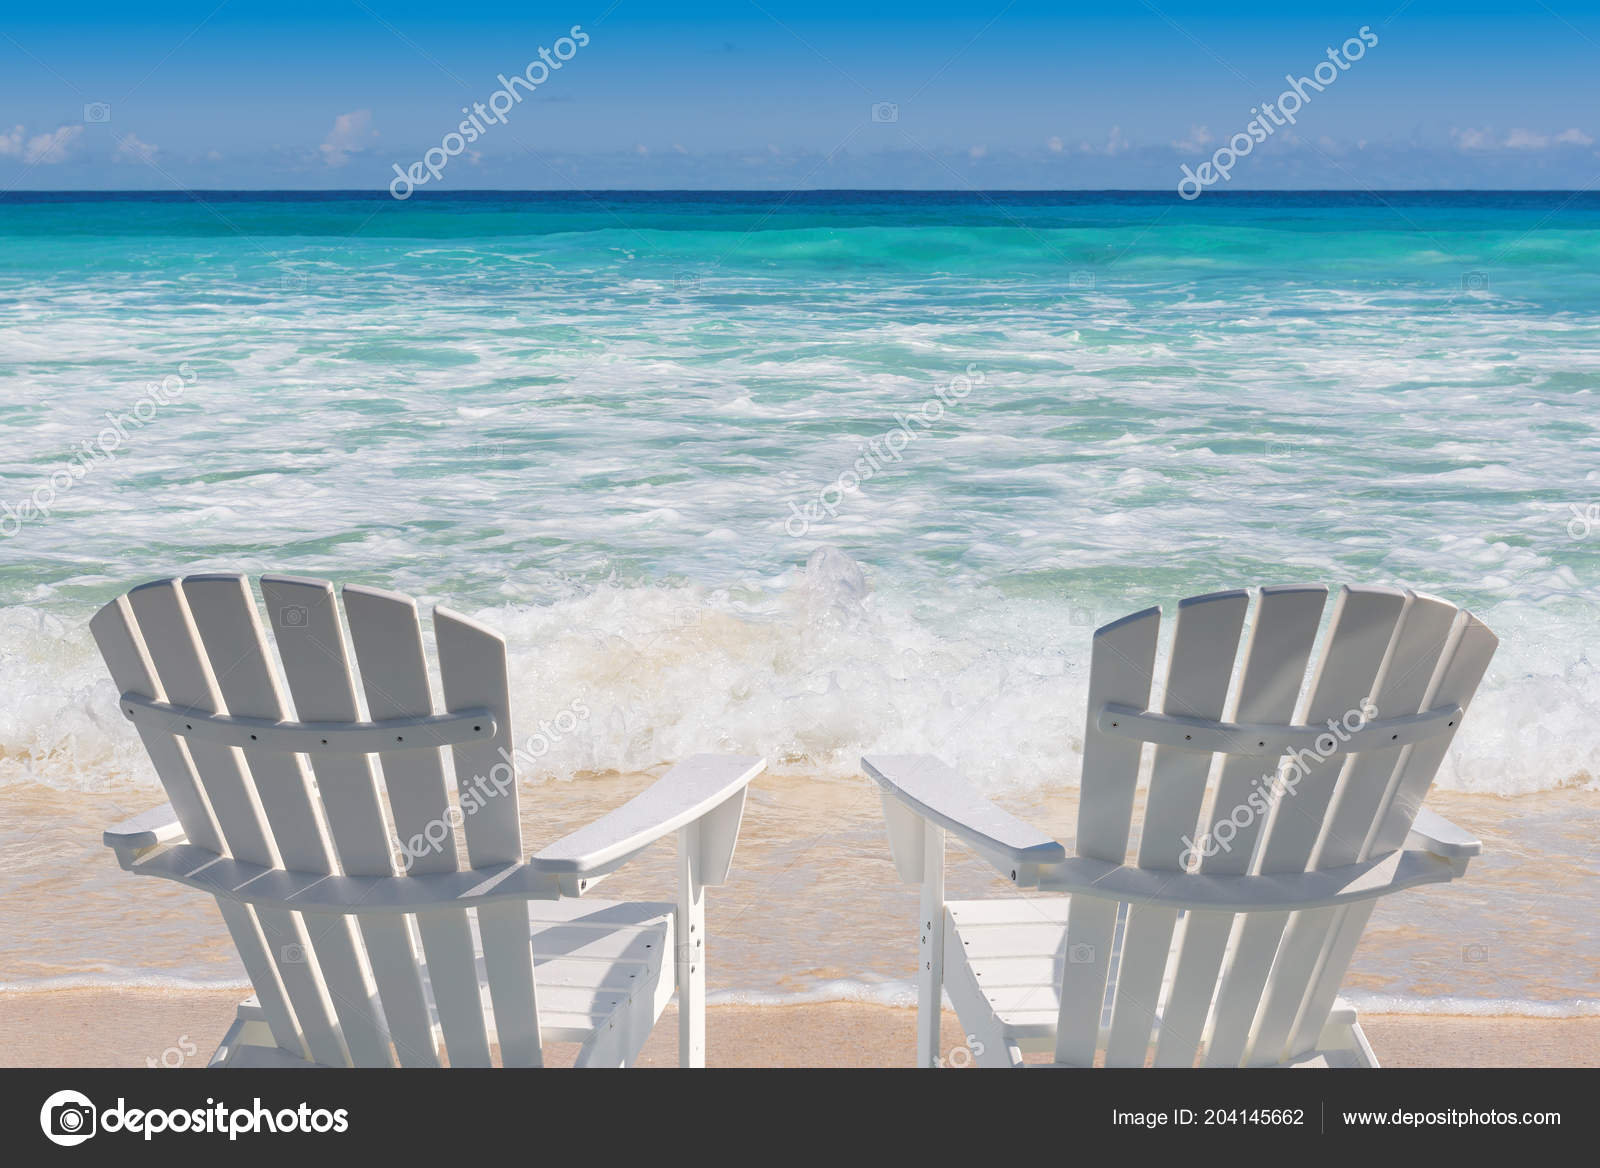 Sedie A Sdraio Per Spiaggia.Sedie Sdraio Sulla Spiaggia Sabbia Con Mare Turchese Palme Vacanze